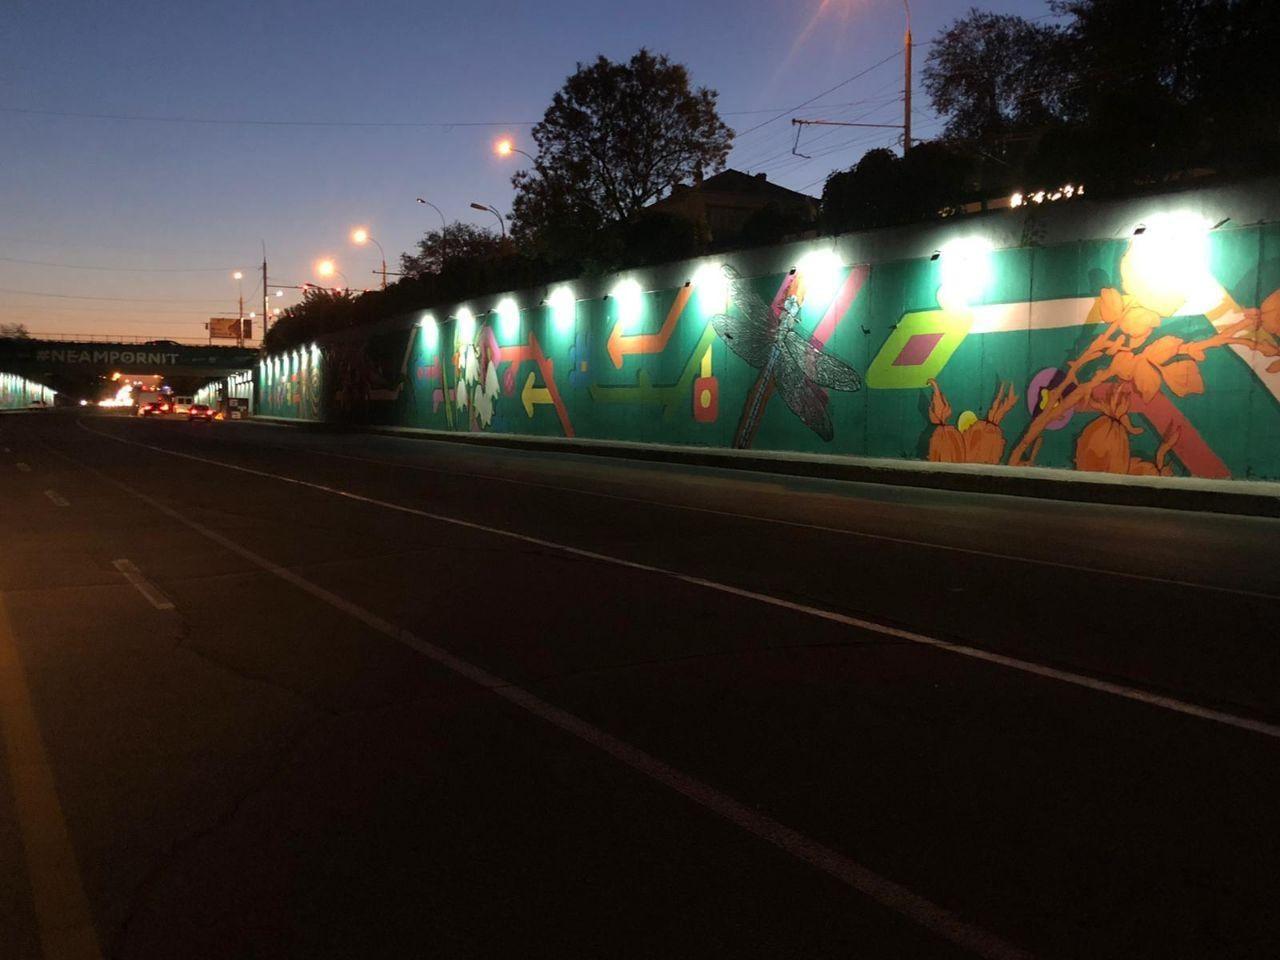 Pictura murală de sub podul de la Telecentru a fost finalizată. Costul estimativ al proiectului este de 300 de mii de lei